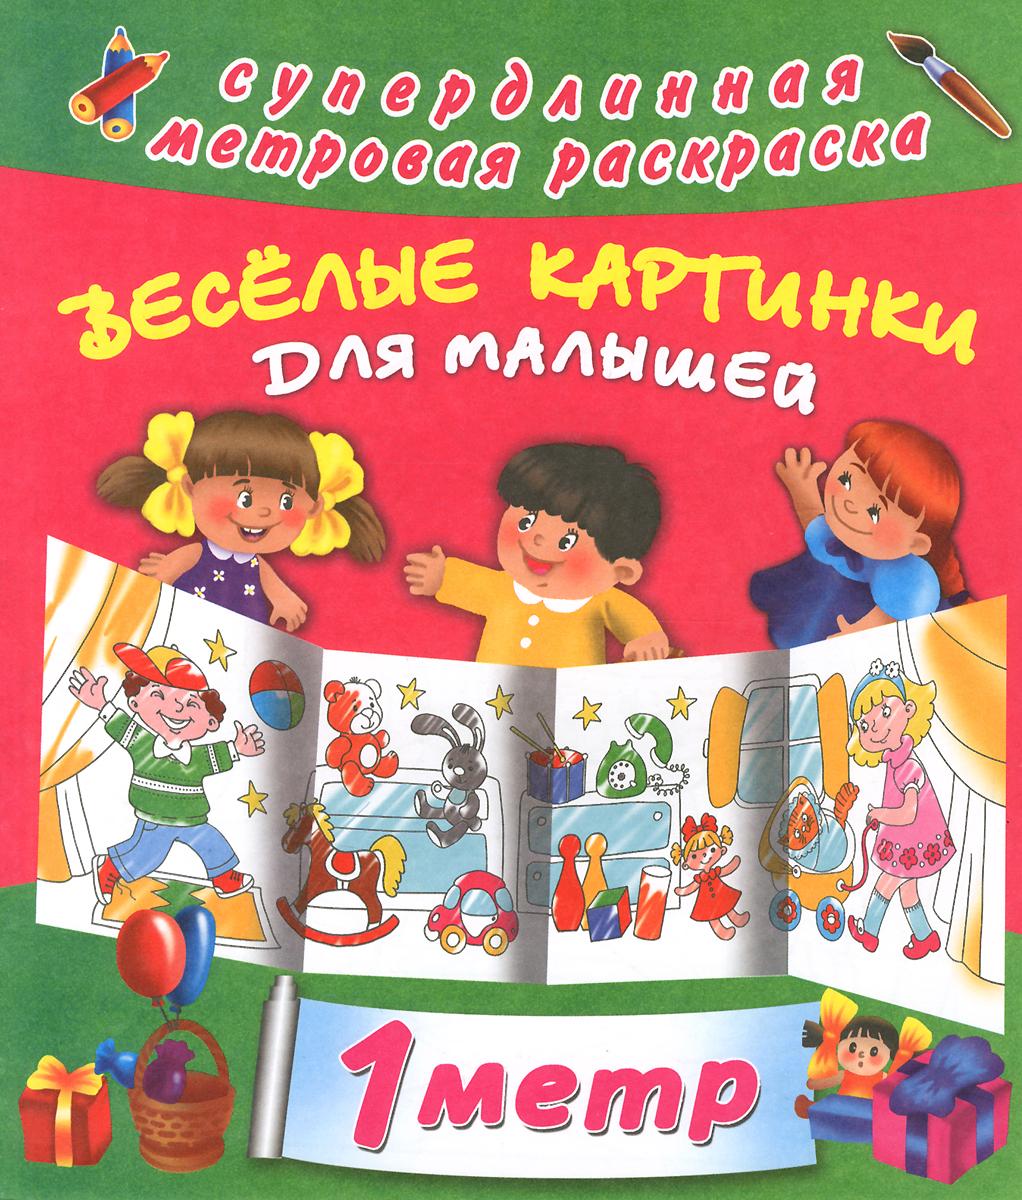 Веселые картинки для малышей. Метровая раскраска12296407Дорогие ребята! Эта раскраска не простая - она большая-пребольшая! На ее страницах вы встретитесь с забавными человечками, лошадками, зайками, куклами и медвежатами. Вы сможете вместе с друзьями раскрасить любимые игрушки и почувствовать себя настоящими художниками. Для дошкольного и младшего школьного возраста.